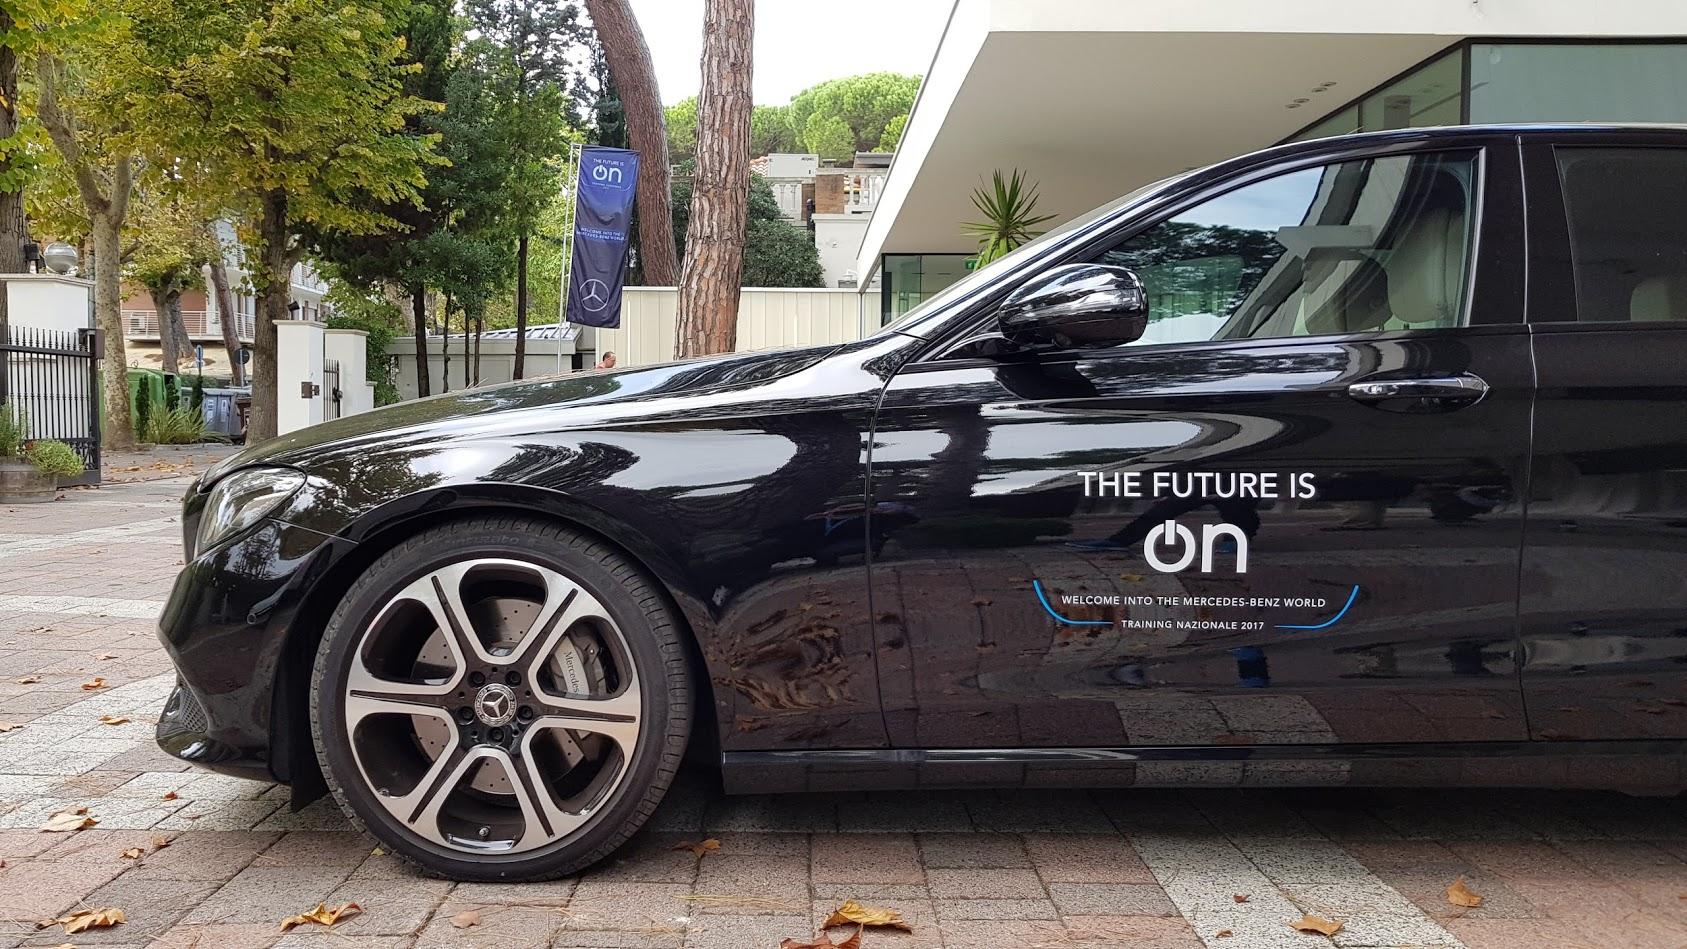 Il futuro dell'auto: ecco come sarà secondo Mercedes-Benz thumbnail